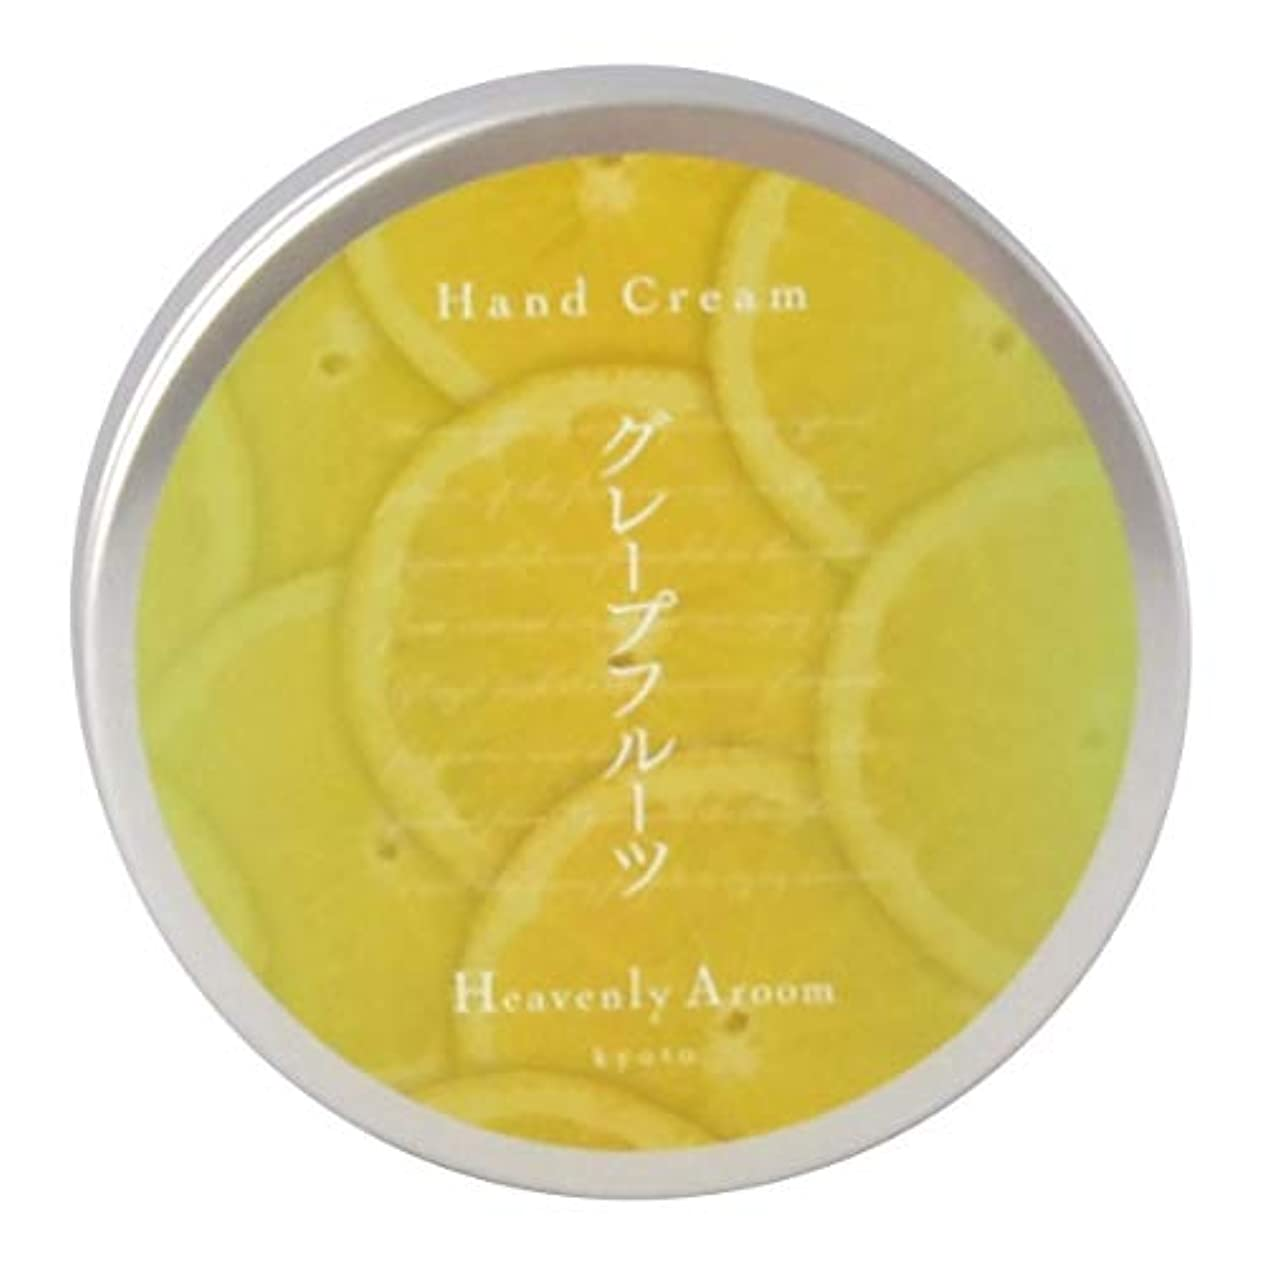 時計むしろミットHeavenly Aroom ハンドクリーム グレープフルーツ 30g